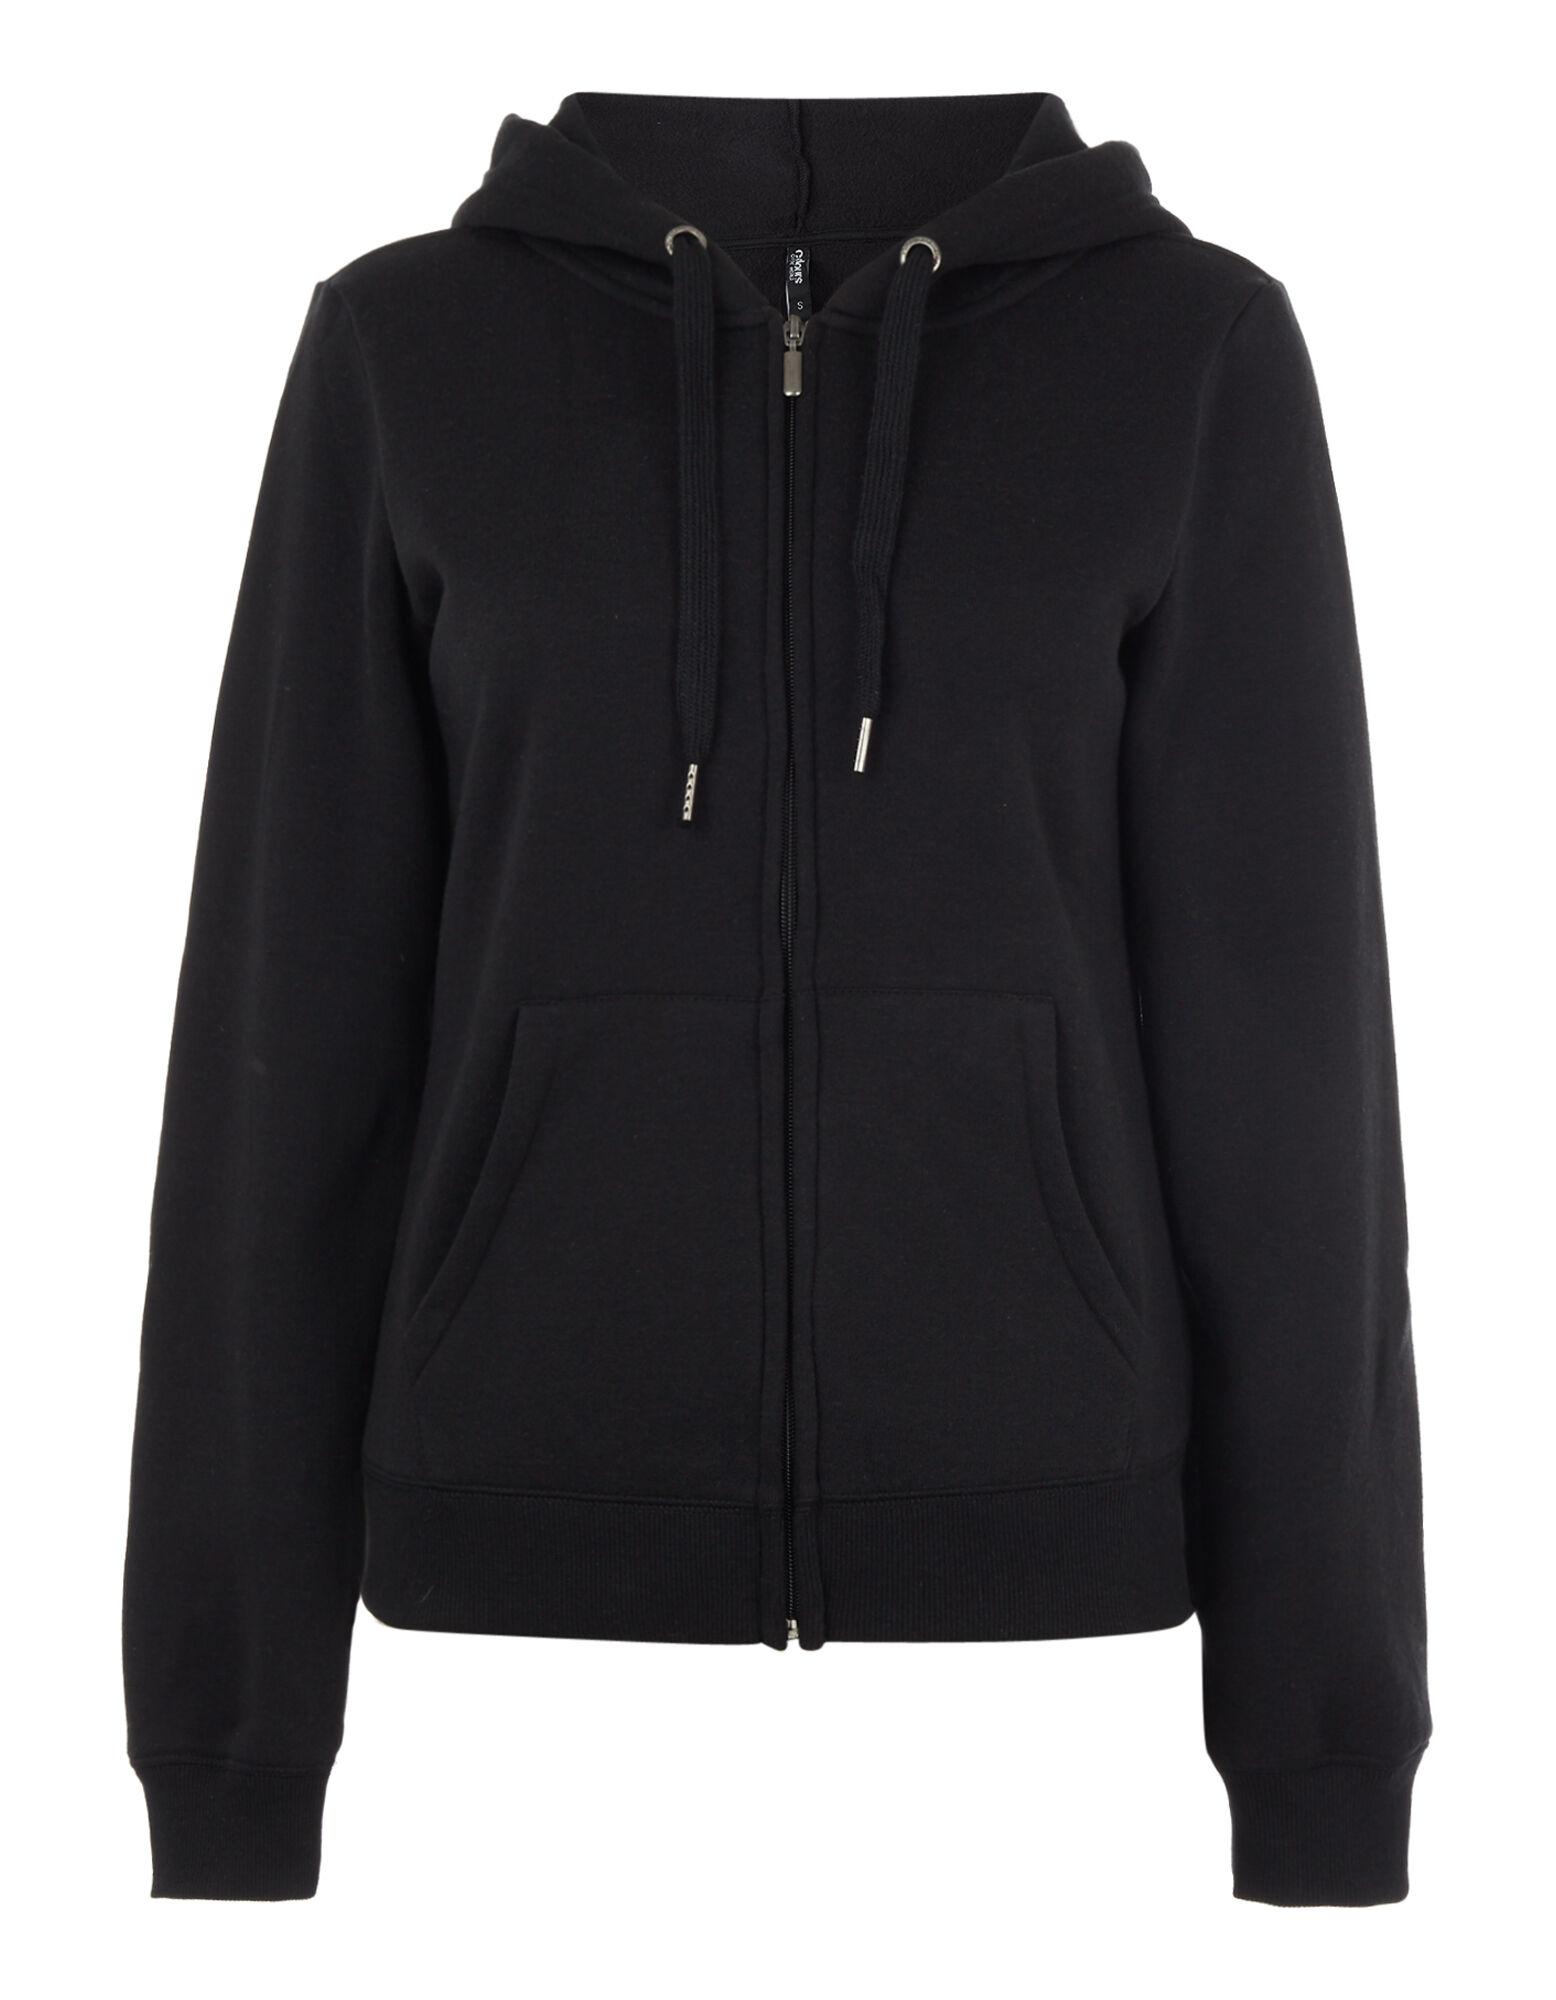 Schwarze Jacke von Takko